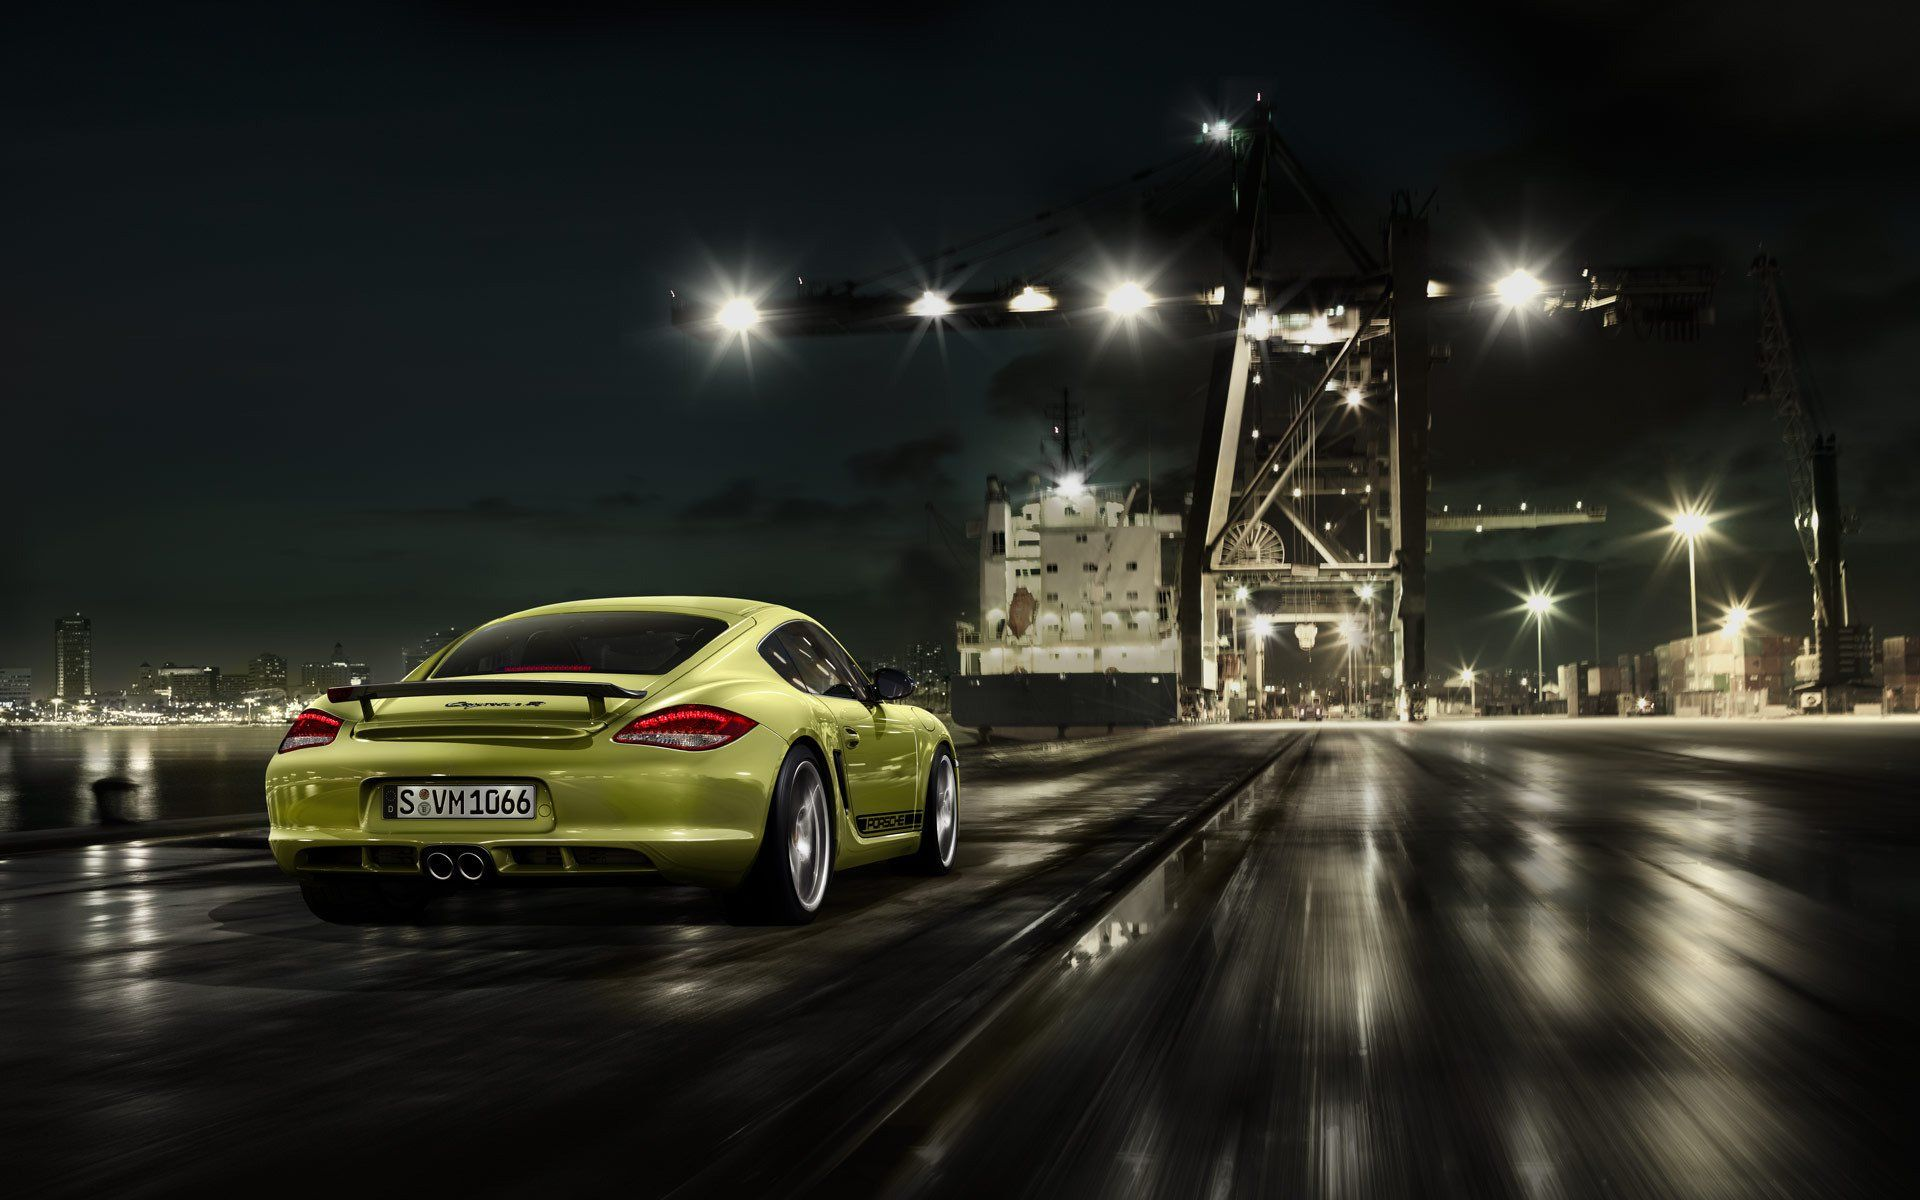 Veiculos Porsche Papel De Parede Porsche Planos De Fundo Papeis De Parede